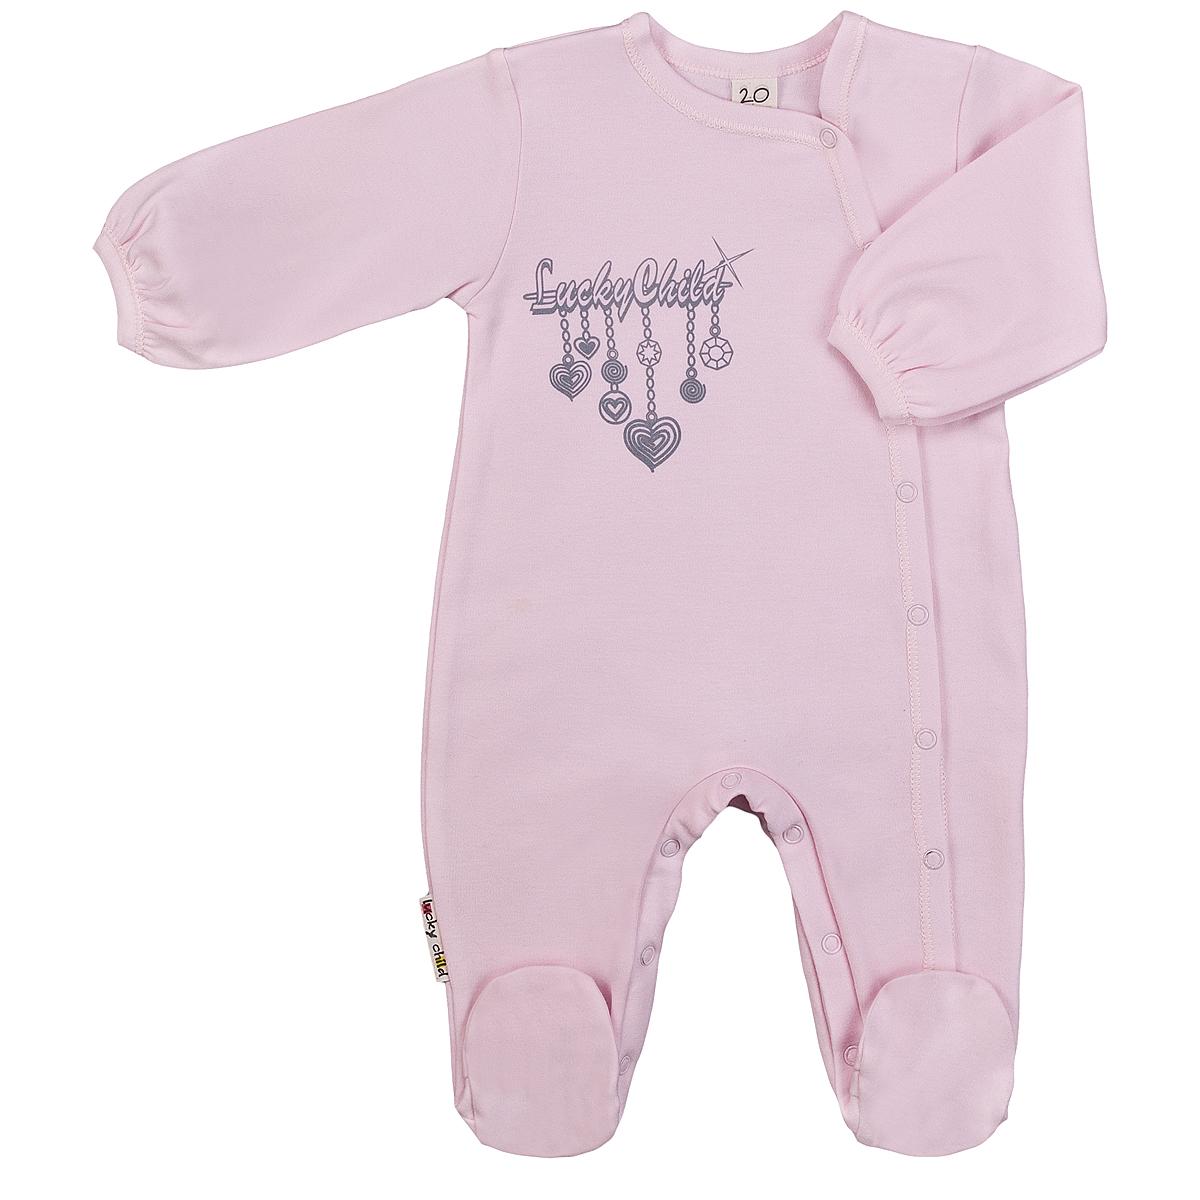 Комбинезон домашний2-16Детский комбинезон для девочки Lucky Child Брошь - очень удобный и практичный вид одежды для малышей. Комбинезон выполнен из интерлока - натурального хлопка, благодаря чему он необычайно мягкий и приятный на ощупь, не раздражают нежную кожу ребенка и хорошо вентилируются, а эластичные швы приятны телу малышки и не препятствуют ее движениям. Комбинезон с длинными рукавами и закрытыми ножками имеет асимметричные застежки-кнопки от горловины до щиколотки, которые помогают легко переодеть младенца или сменить подгузник. На груди он оформлен оригинальным принтом, имитирующим брошку. С детским комбинезоном Lucky Child спинка и ножки вашей малышки всегда будут в тепле, он идеален для использования днем и незаменим ночью. Комбинезон полностью соответствует особенностям жизни младенца в ранний период, не стесняя и не ограничивая его в движениях!